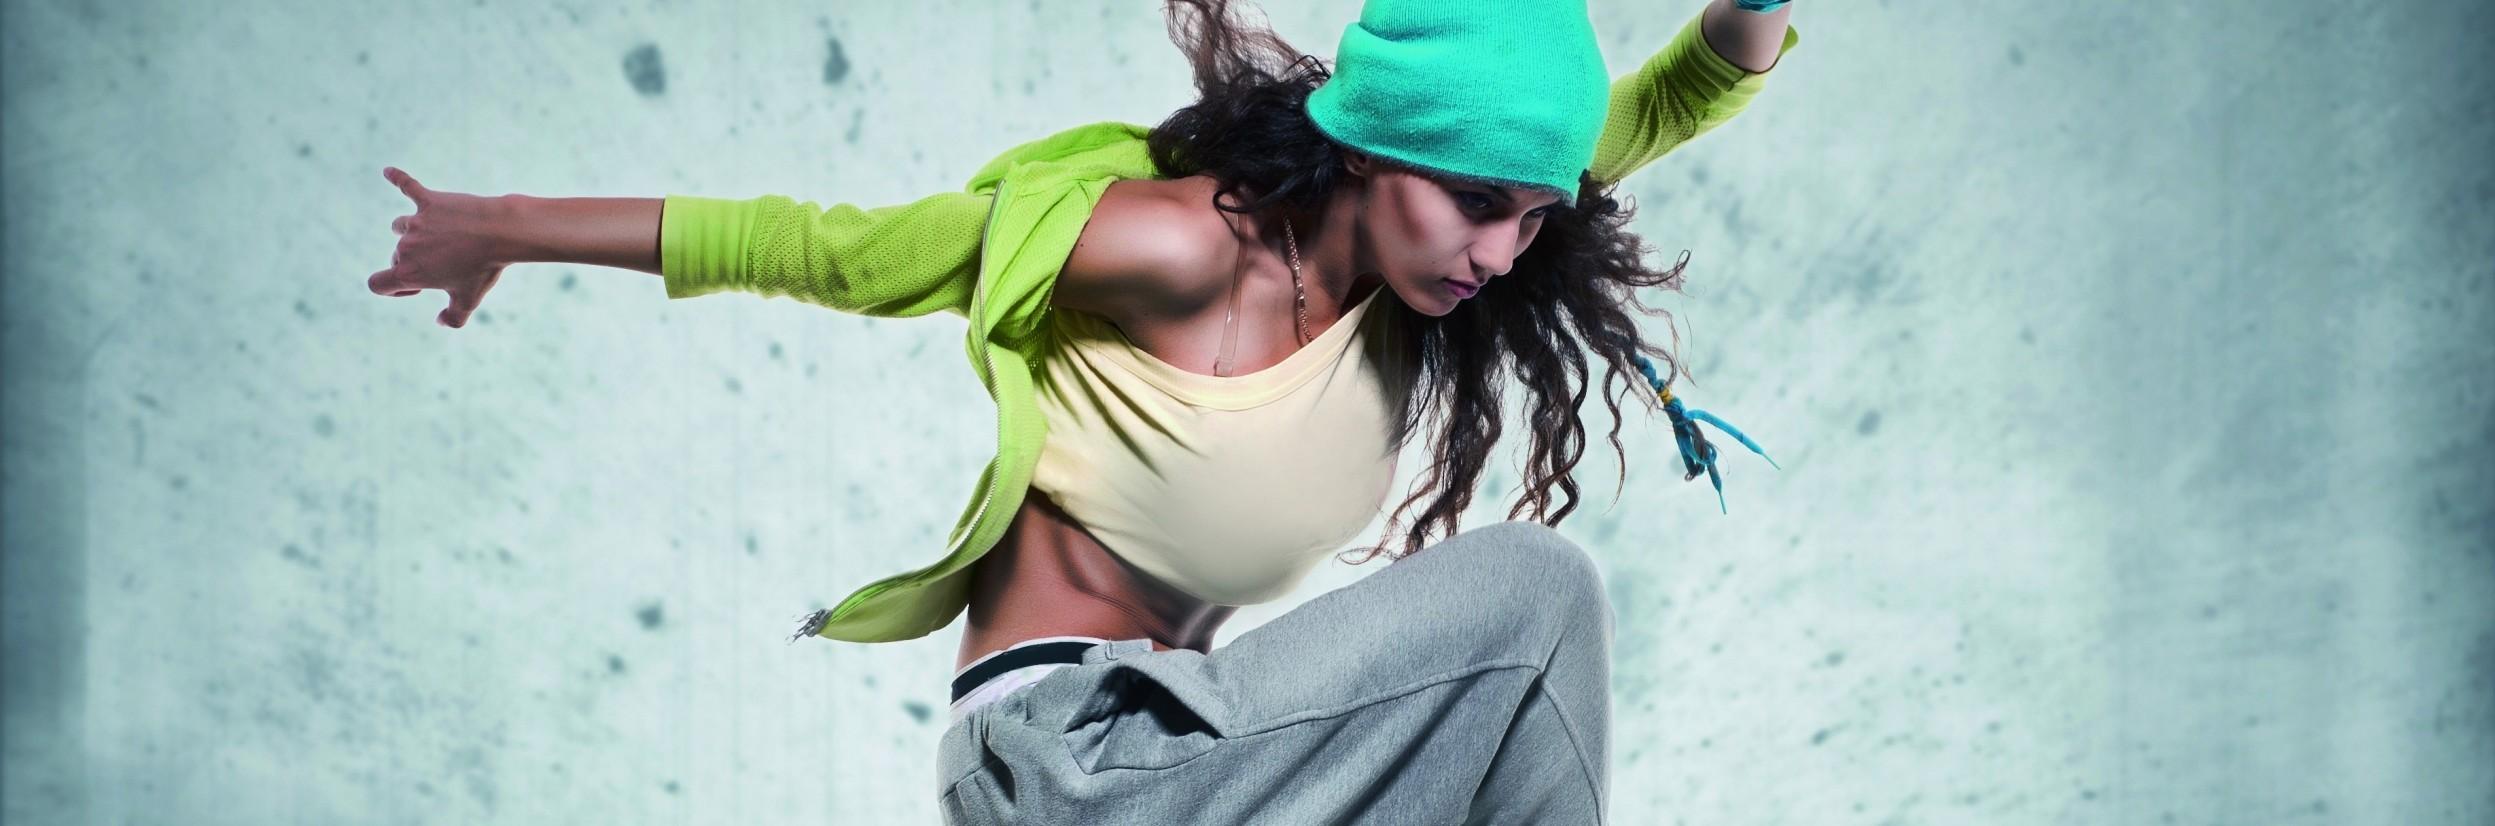 Ab 21. Oktober: Hip Hop-Kurs für Kinder im Alter von 7-10 Jahren